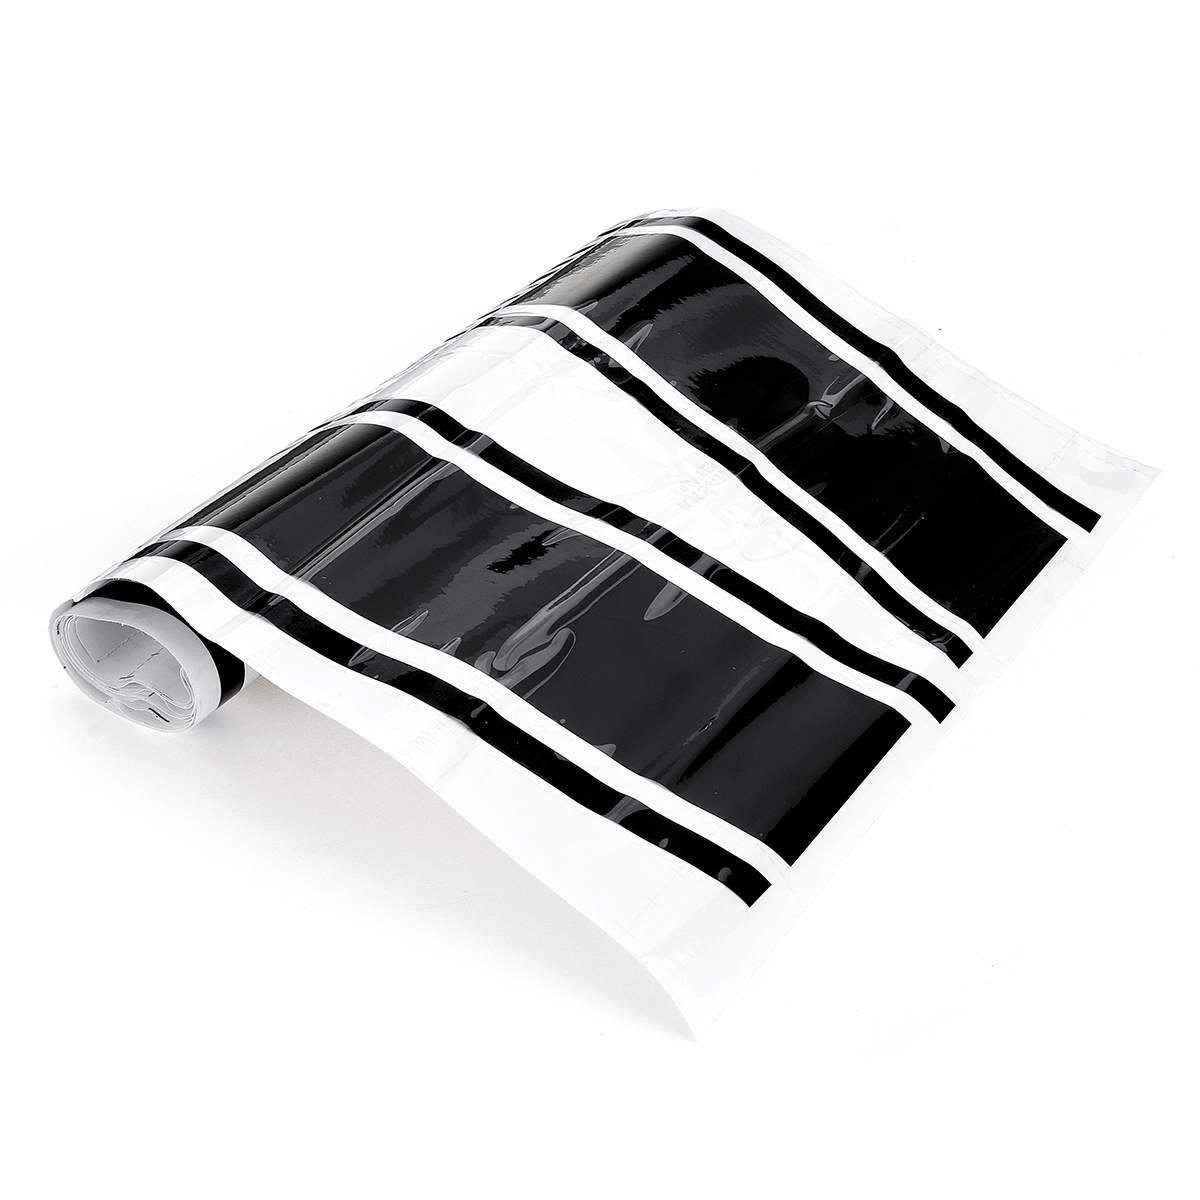 Капот капота двигателя, накладка в полоску для Mini Cooper, полоска капота R50 R52 R53 R55 R56 R57 для Mini Cooper S - Название цвета: 7